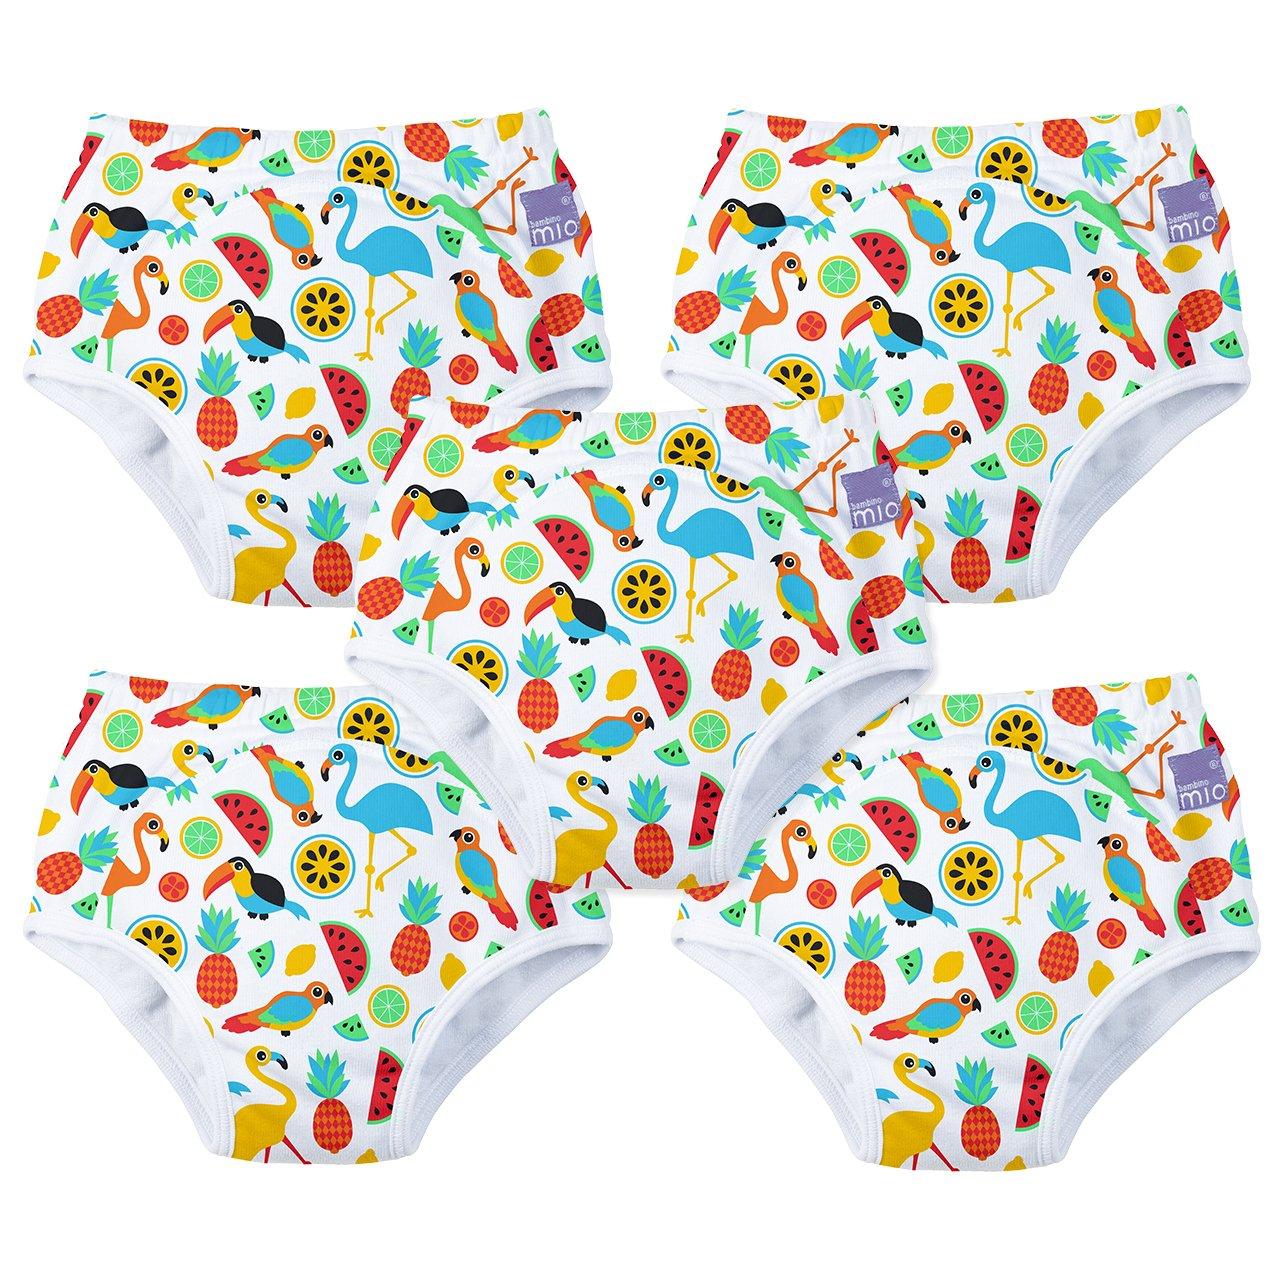 5 Pack Bambino Mio 2-3 Years Potty Training Pants White